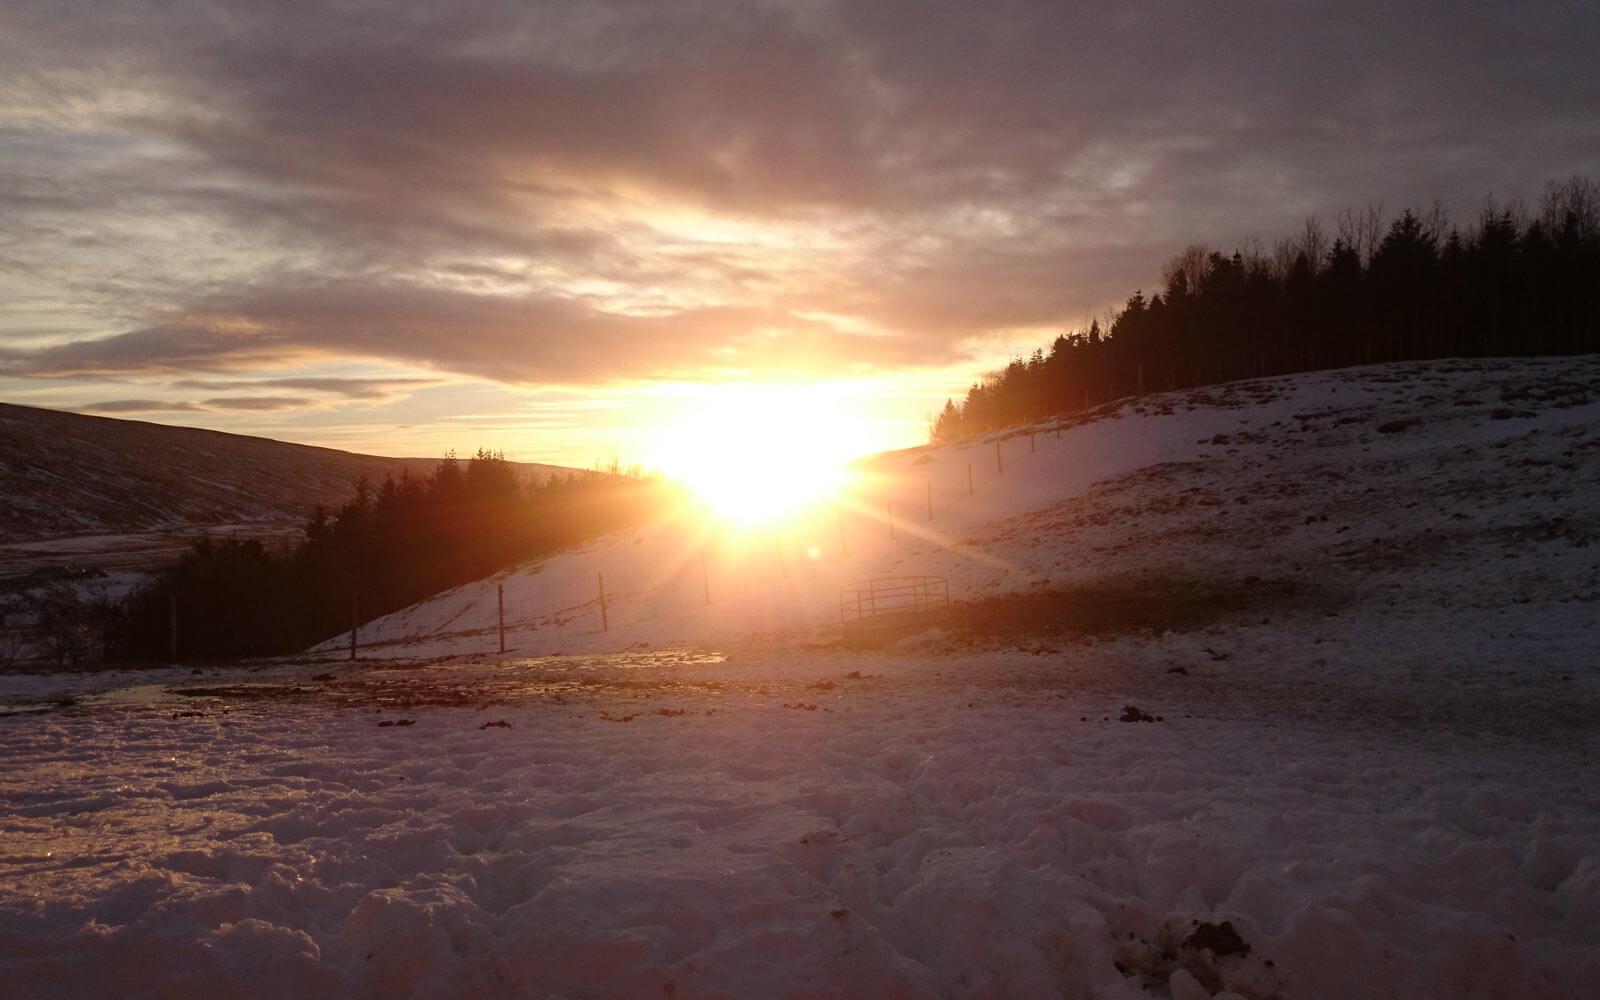 Die Sonne hängt tief über den schneebedeckten Hügeln